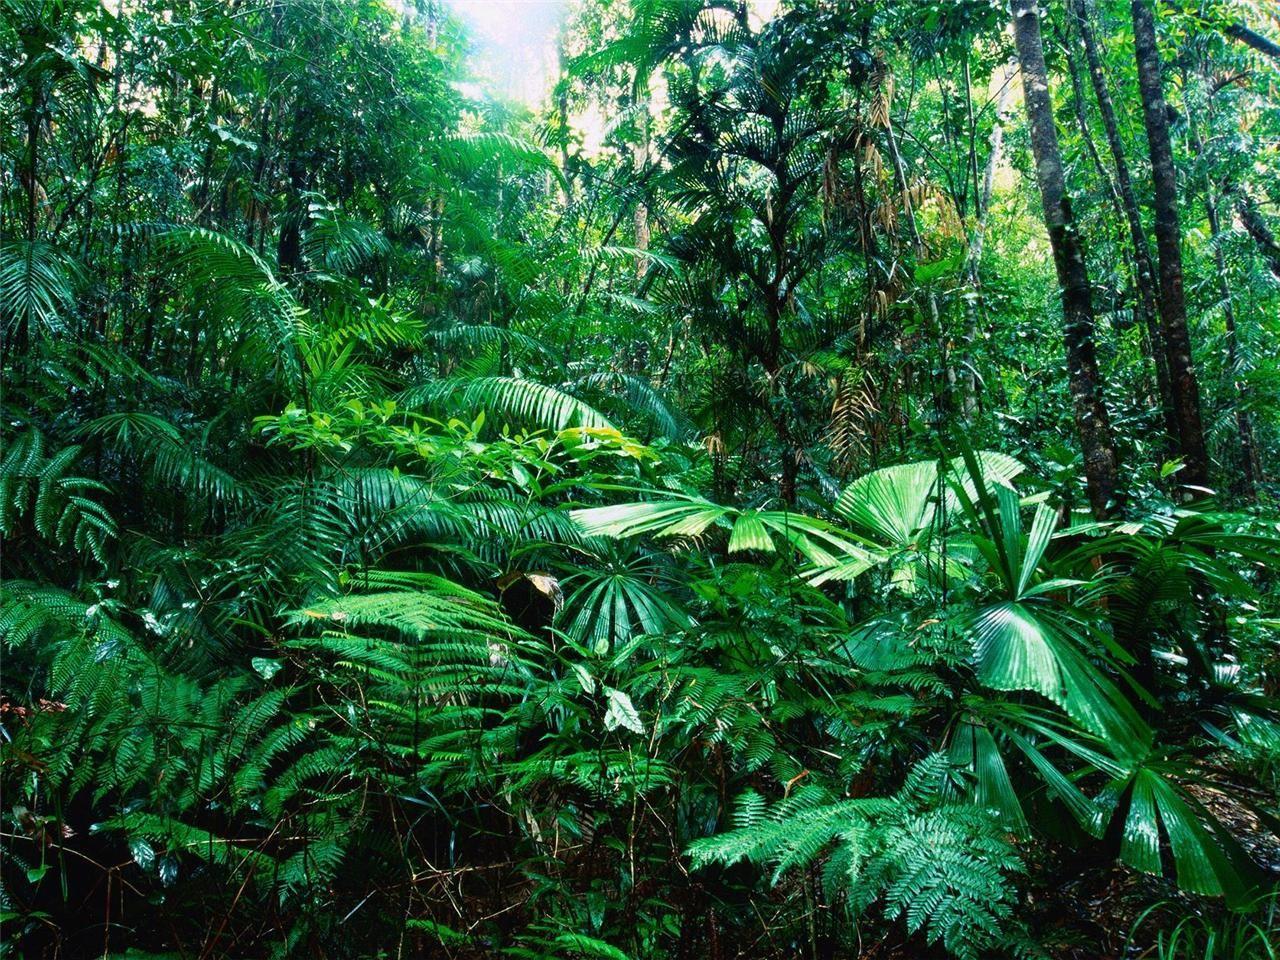 Details About Amazon Rarest Glossy Poster Picture Photo ... avec Serre De Jardin Amazon